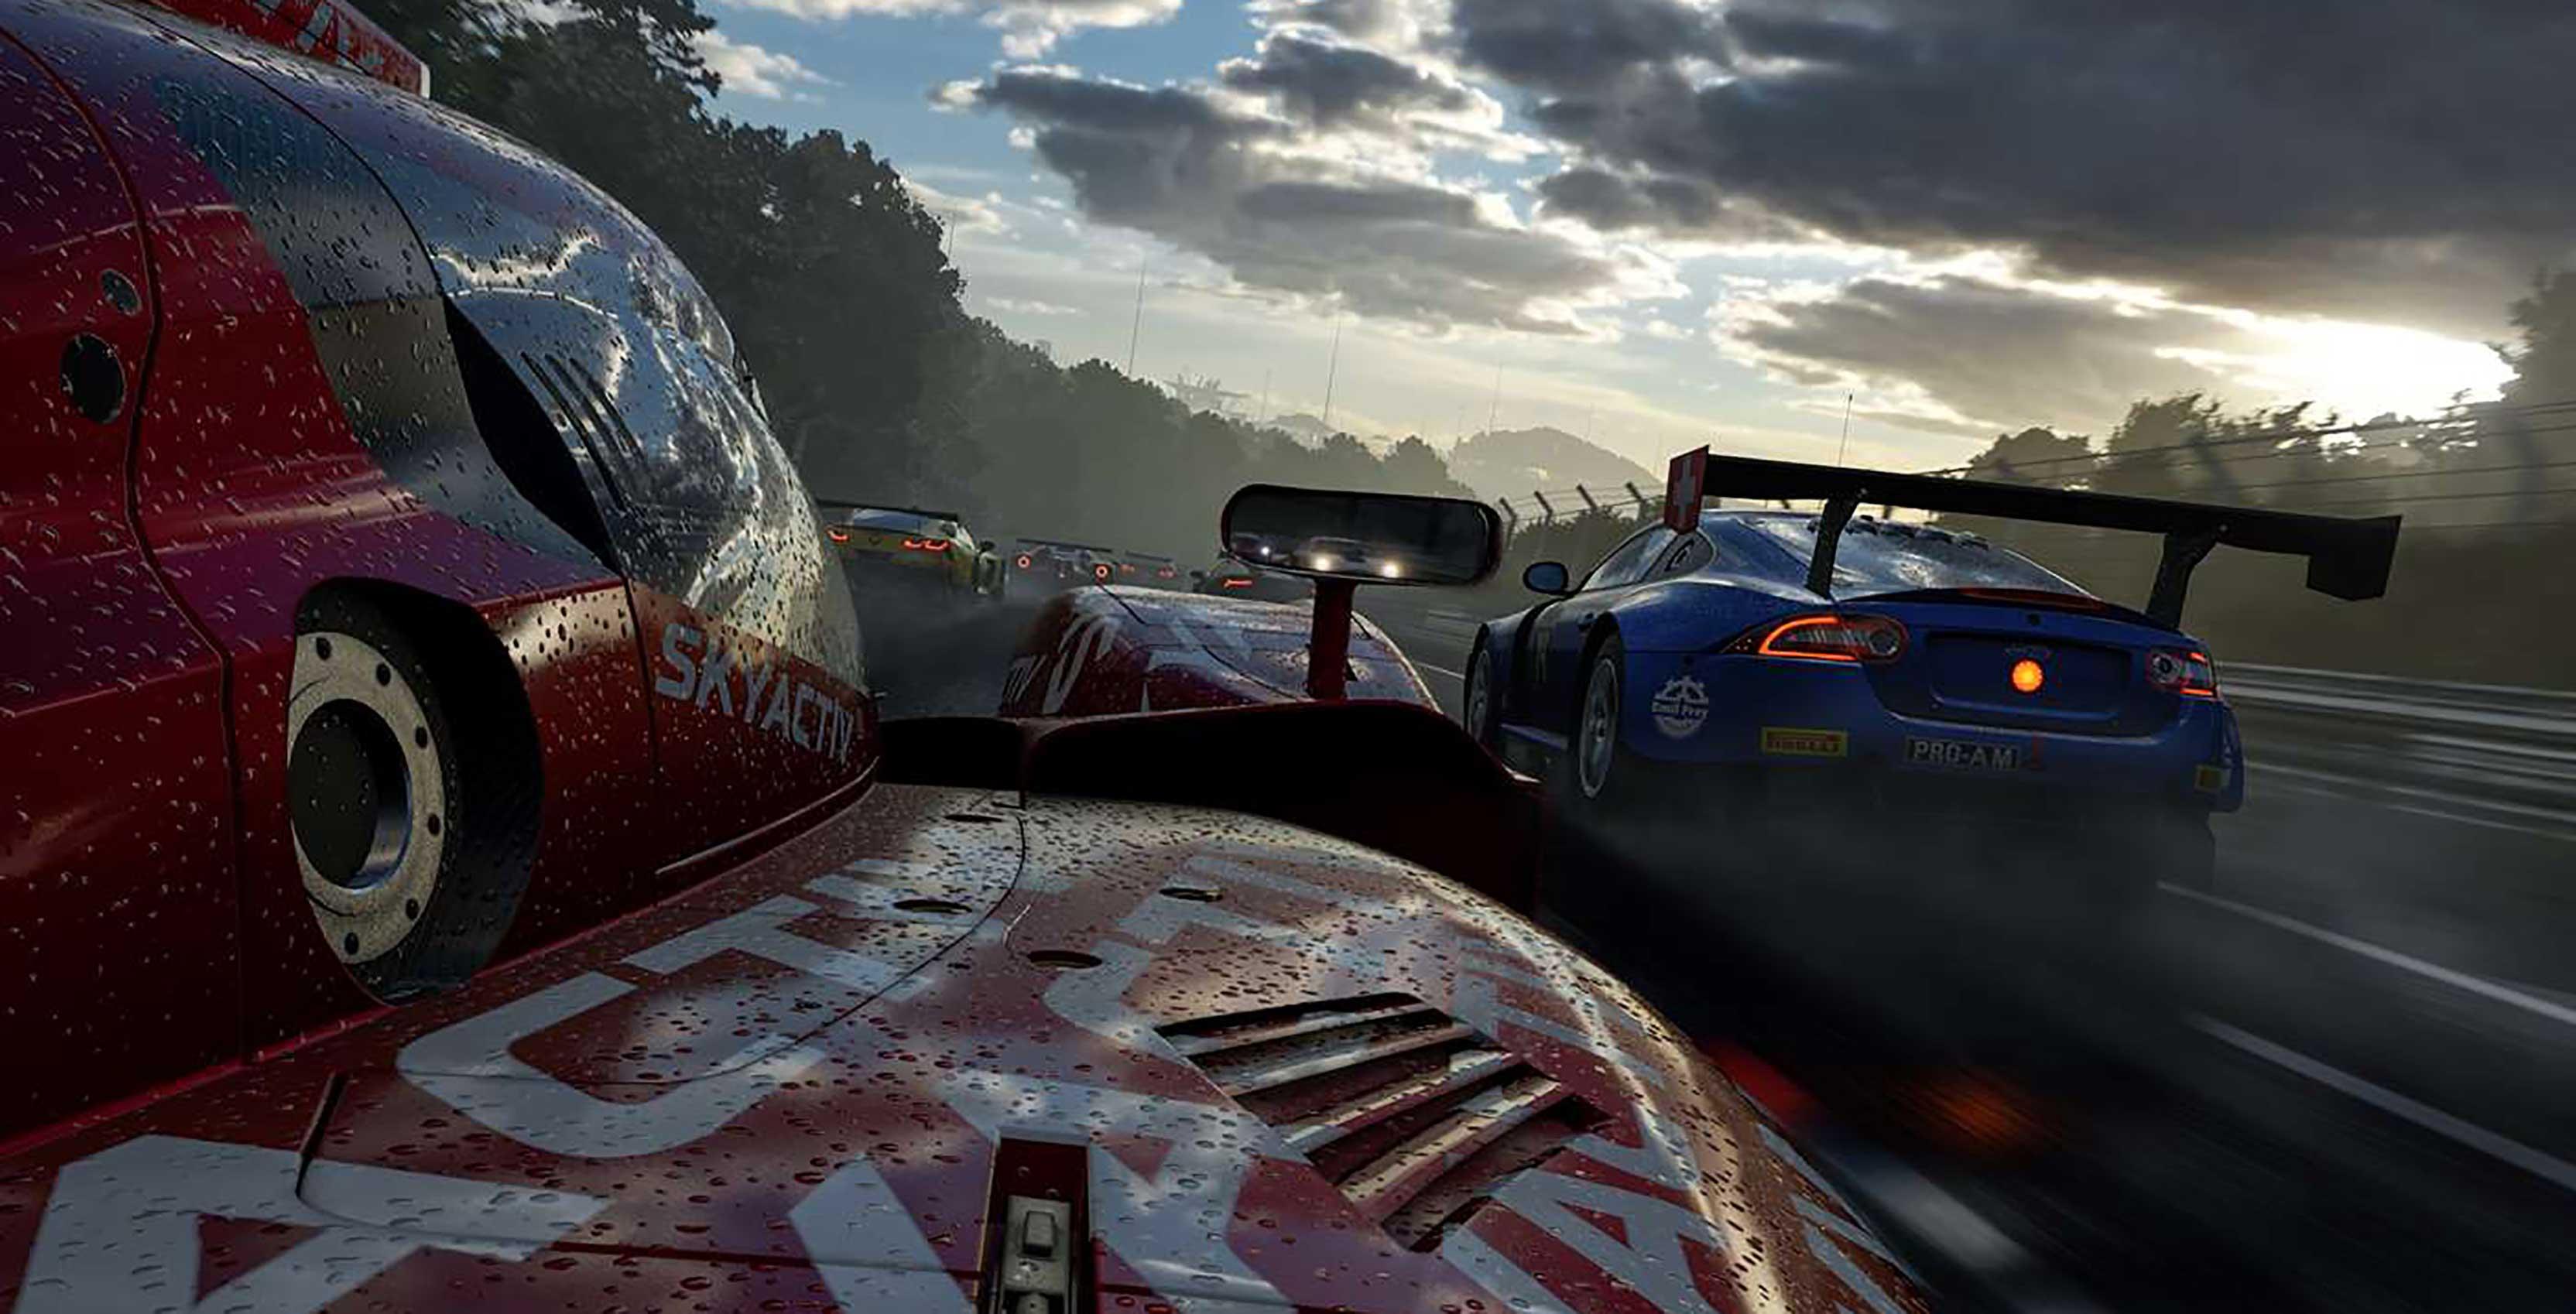 Forza 7 cars